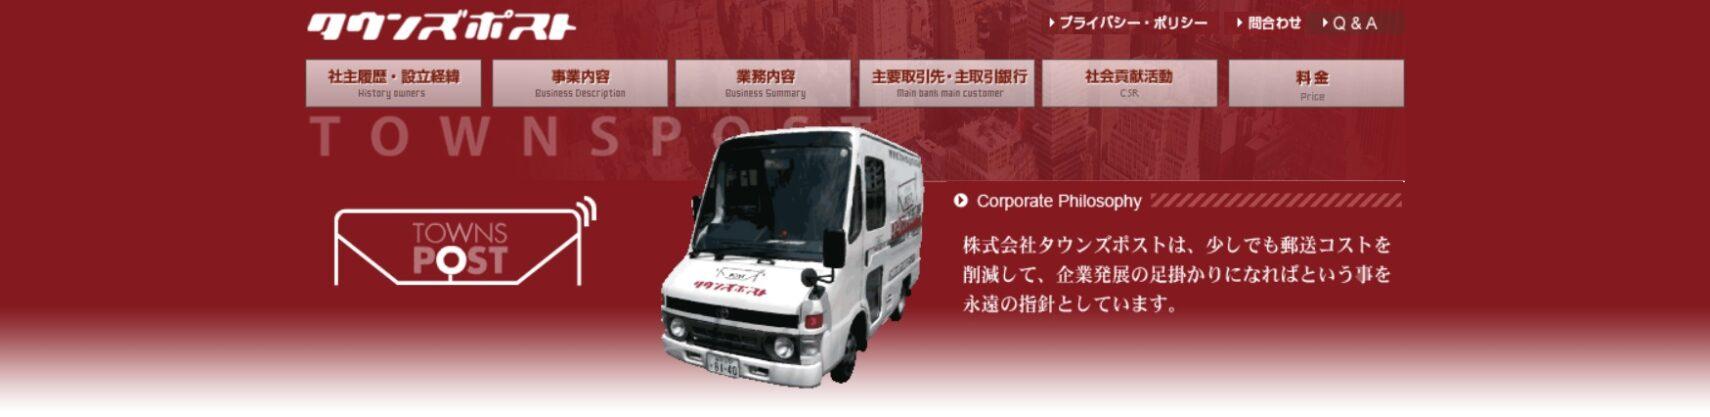 タウンズポストは西日本最大級のDM発送数を誇る